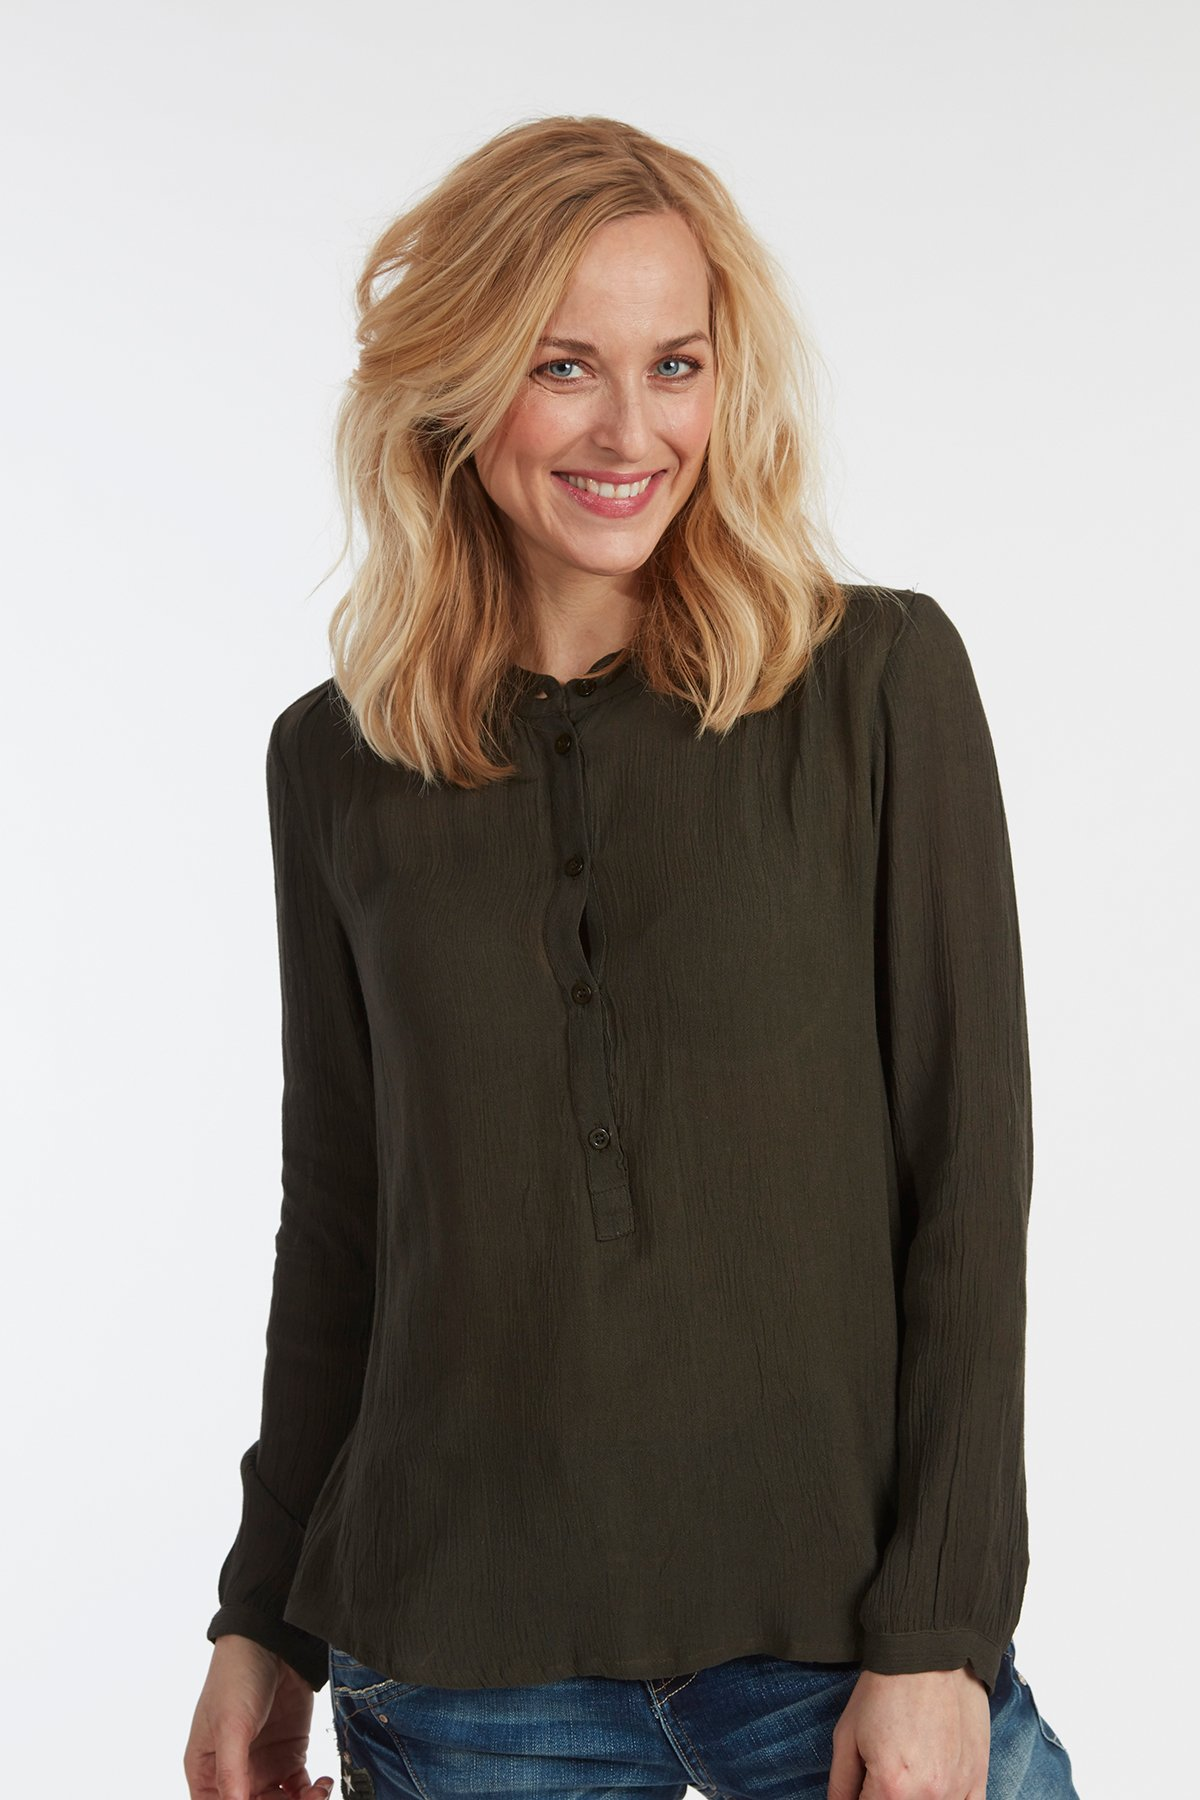 Gebranntes grün Langarm-Bluse von Kaffe – Shoppen Sie Gebranntes grün Langarm-Bluse ab Gr. 34-46 hier